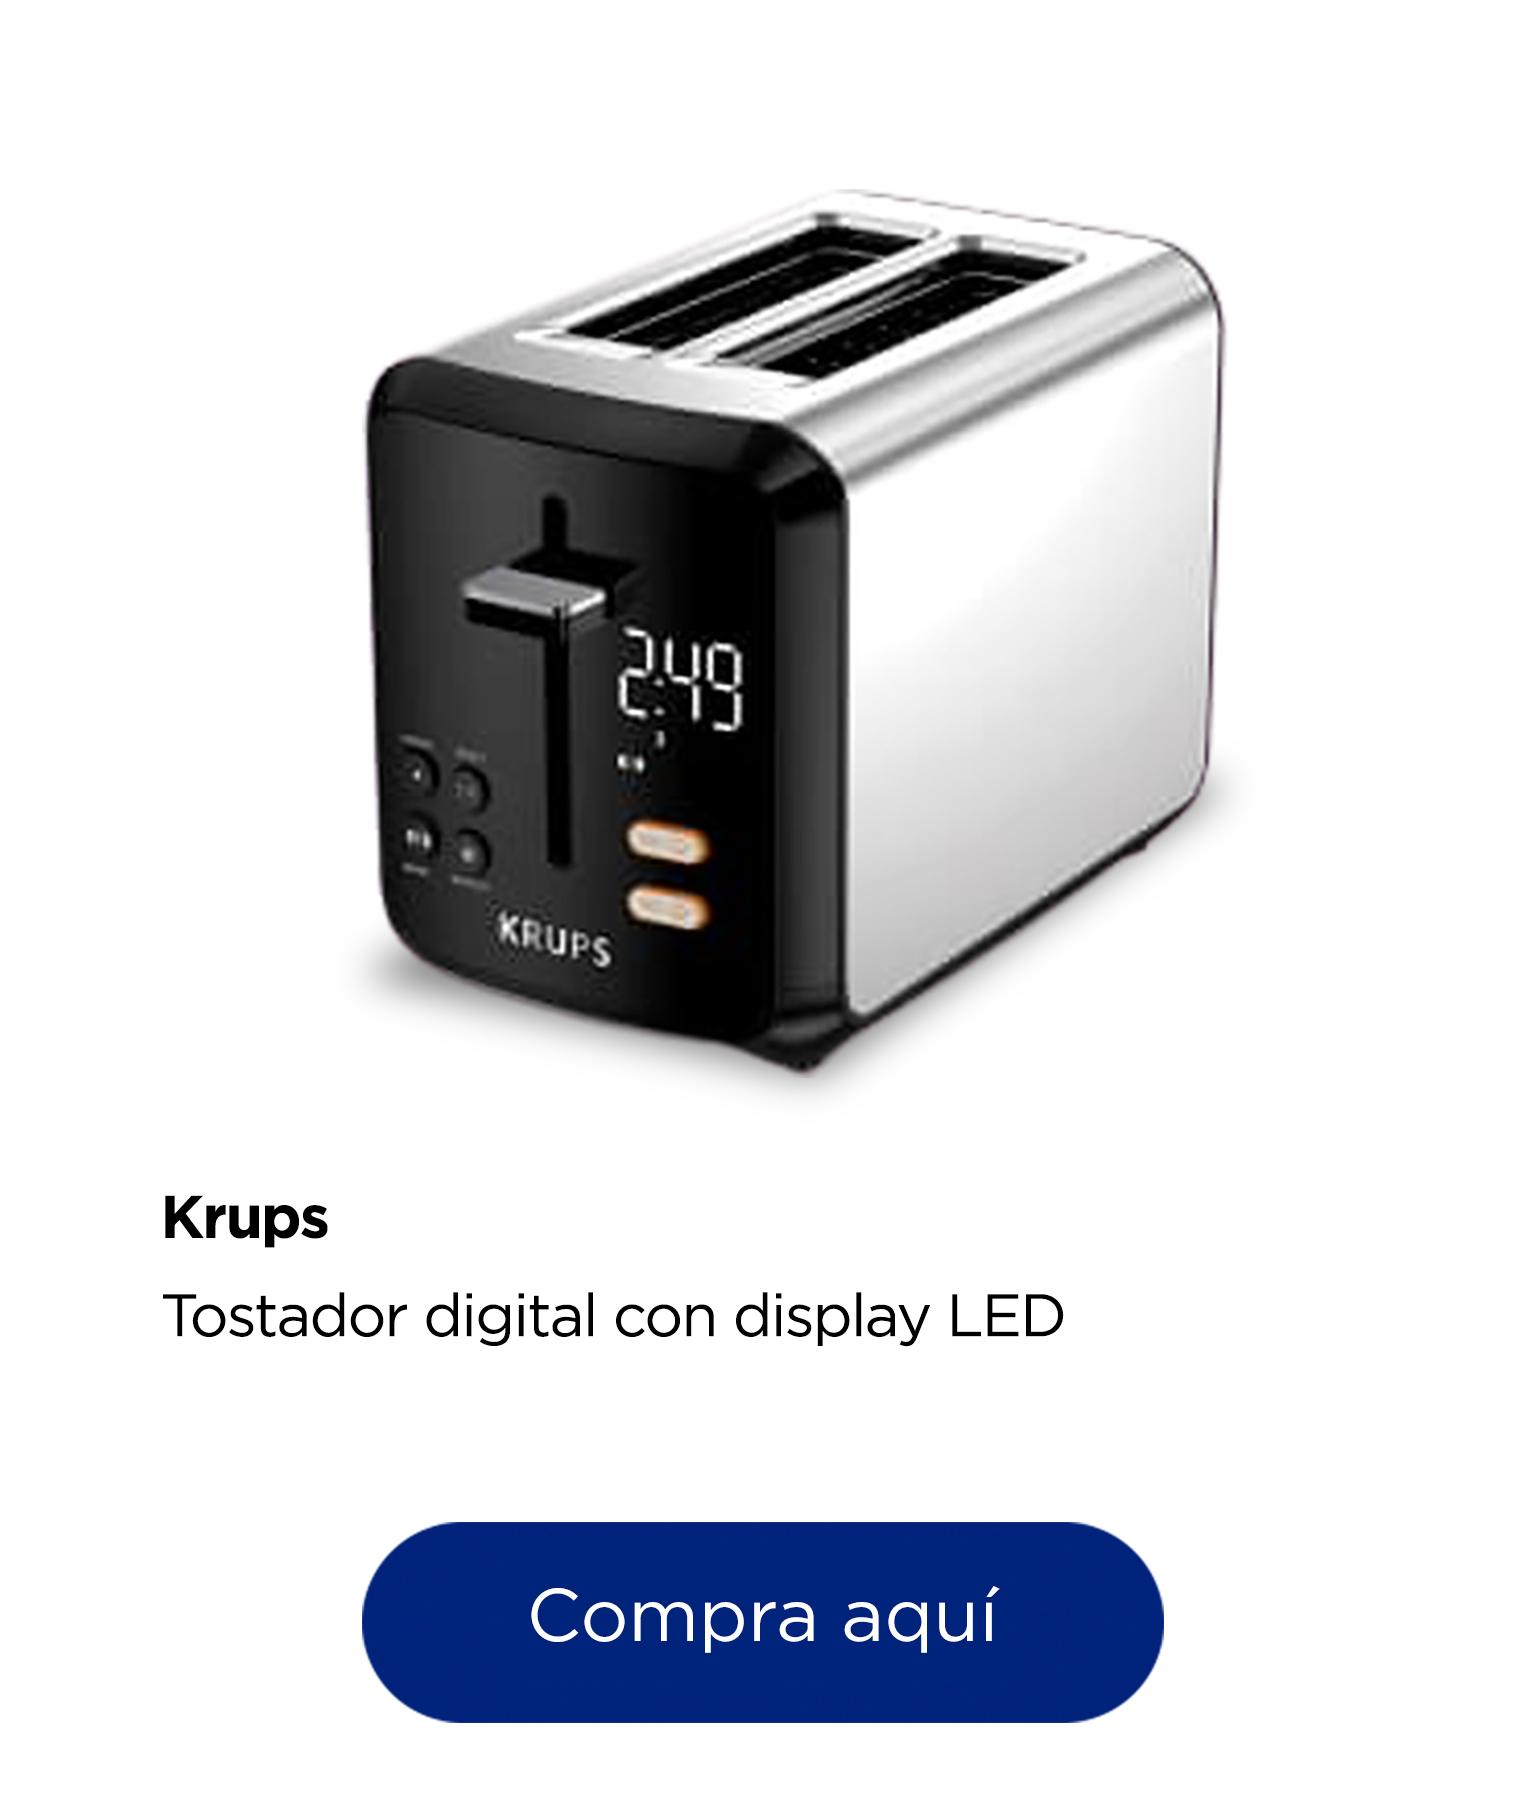 Krups Tostador Digital con Display LED